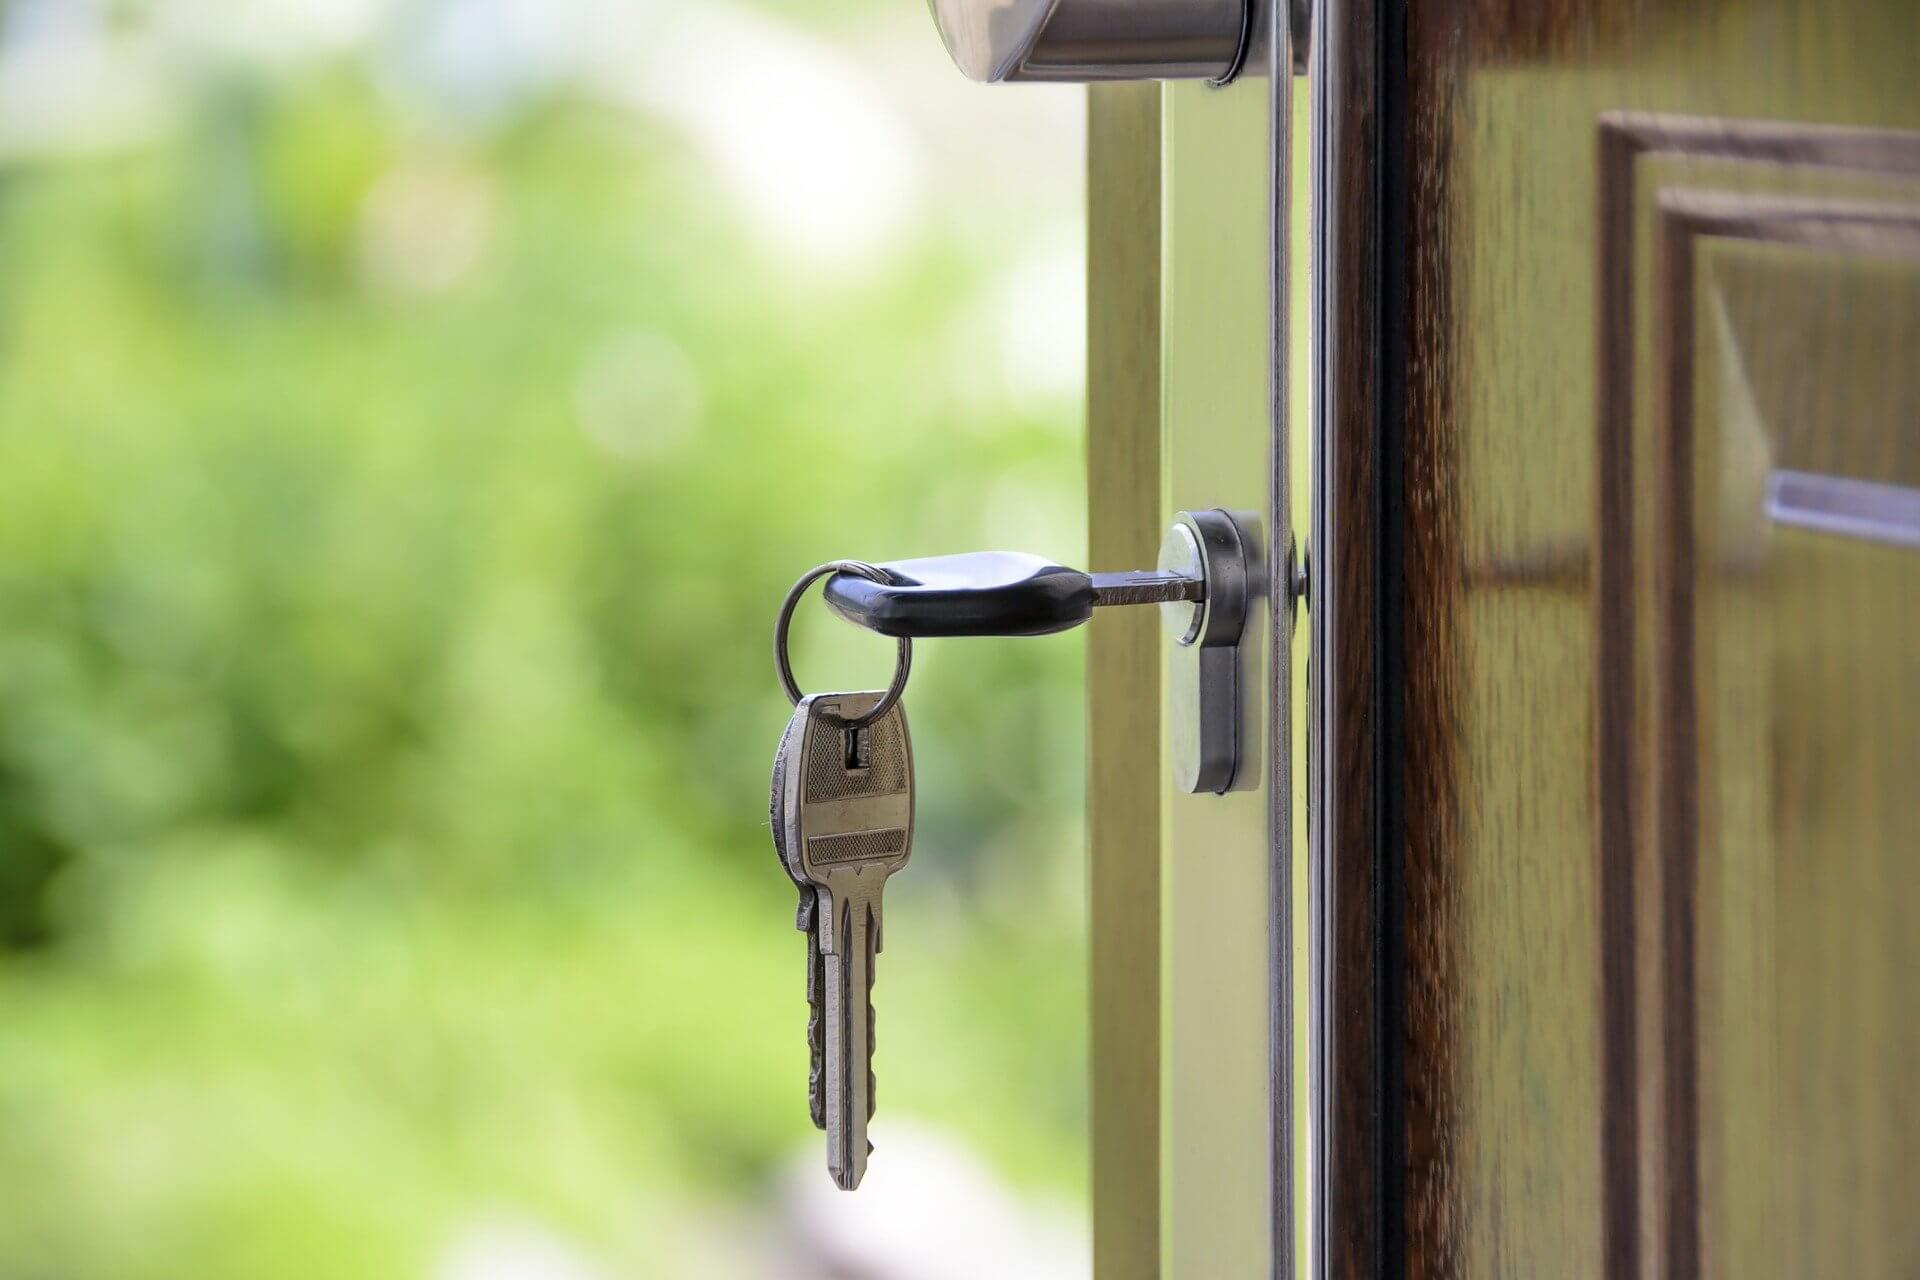 quem é o proprietário do imóvel - foto de uma chave em uma porta de entrada de madeira de uma casa.